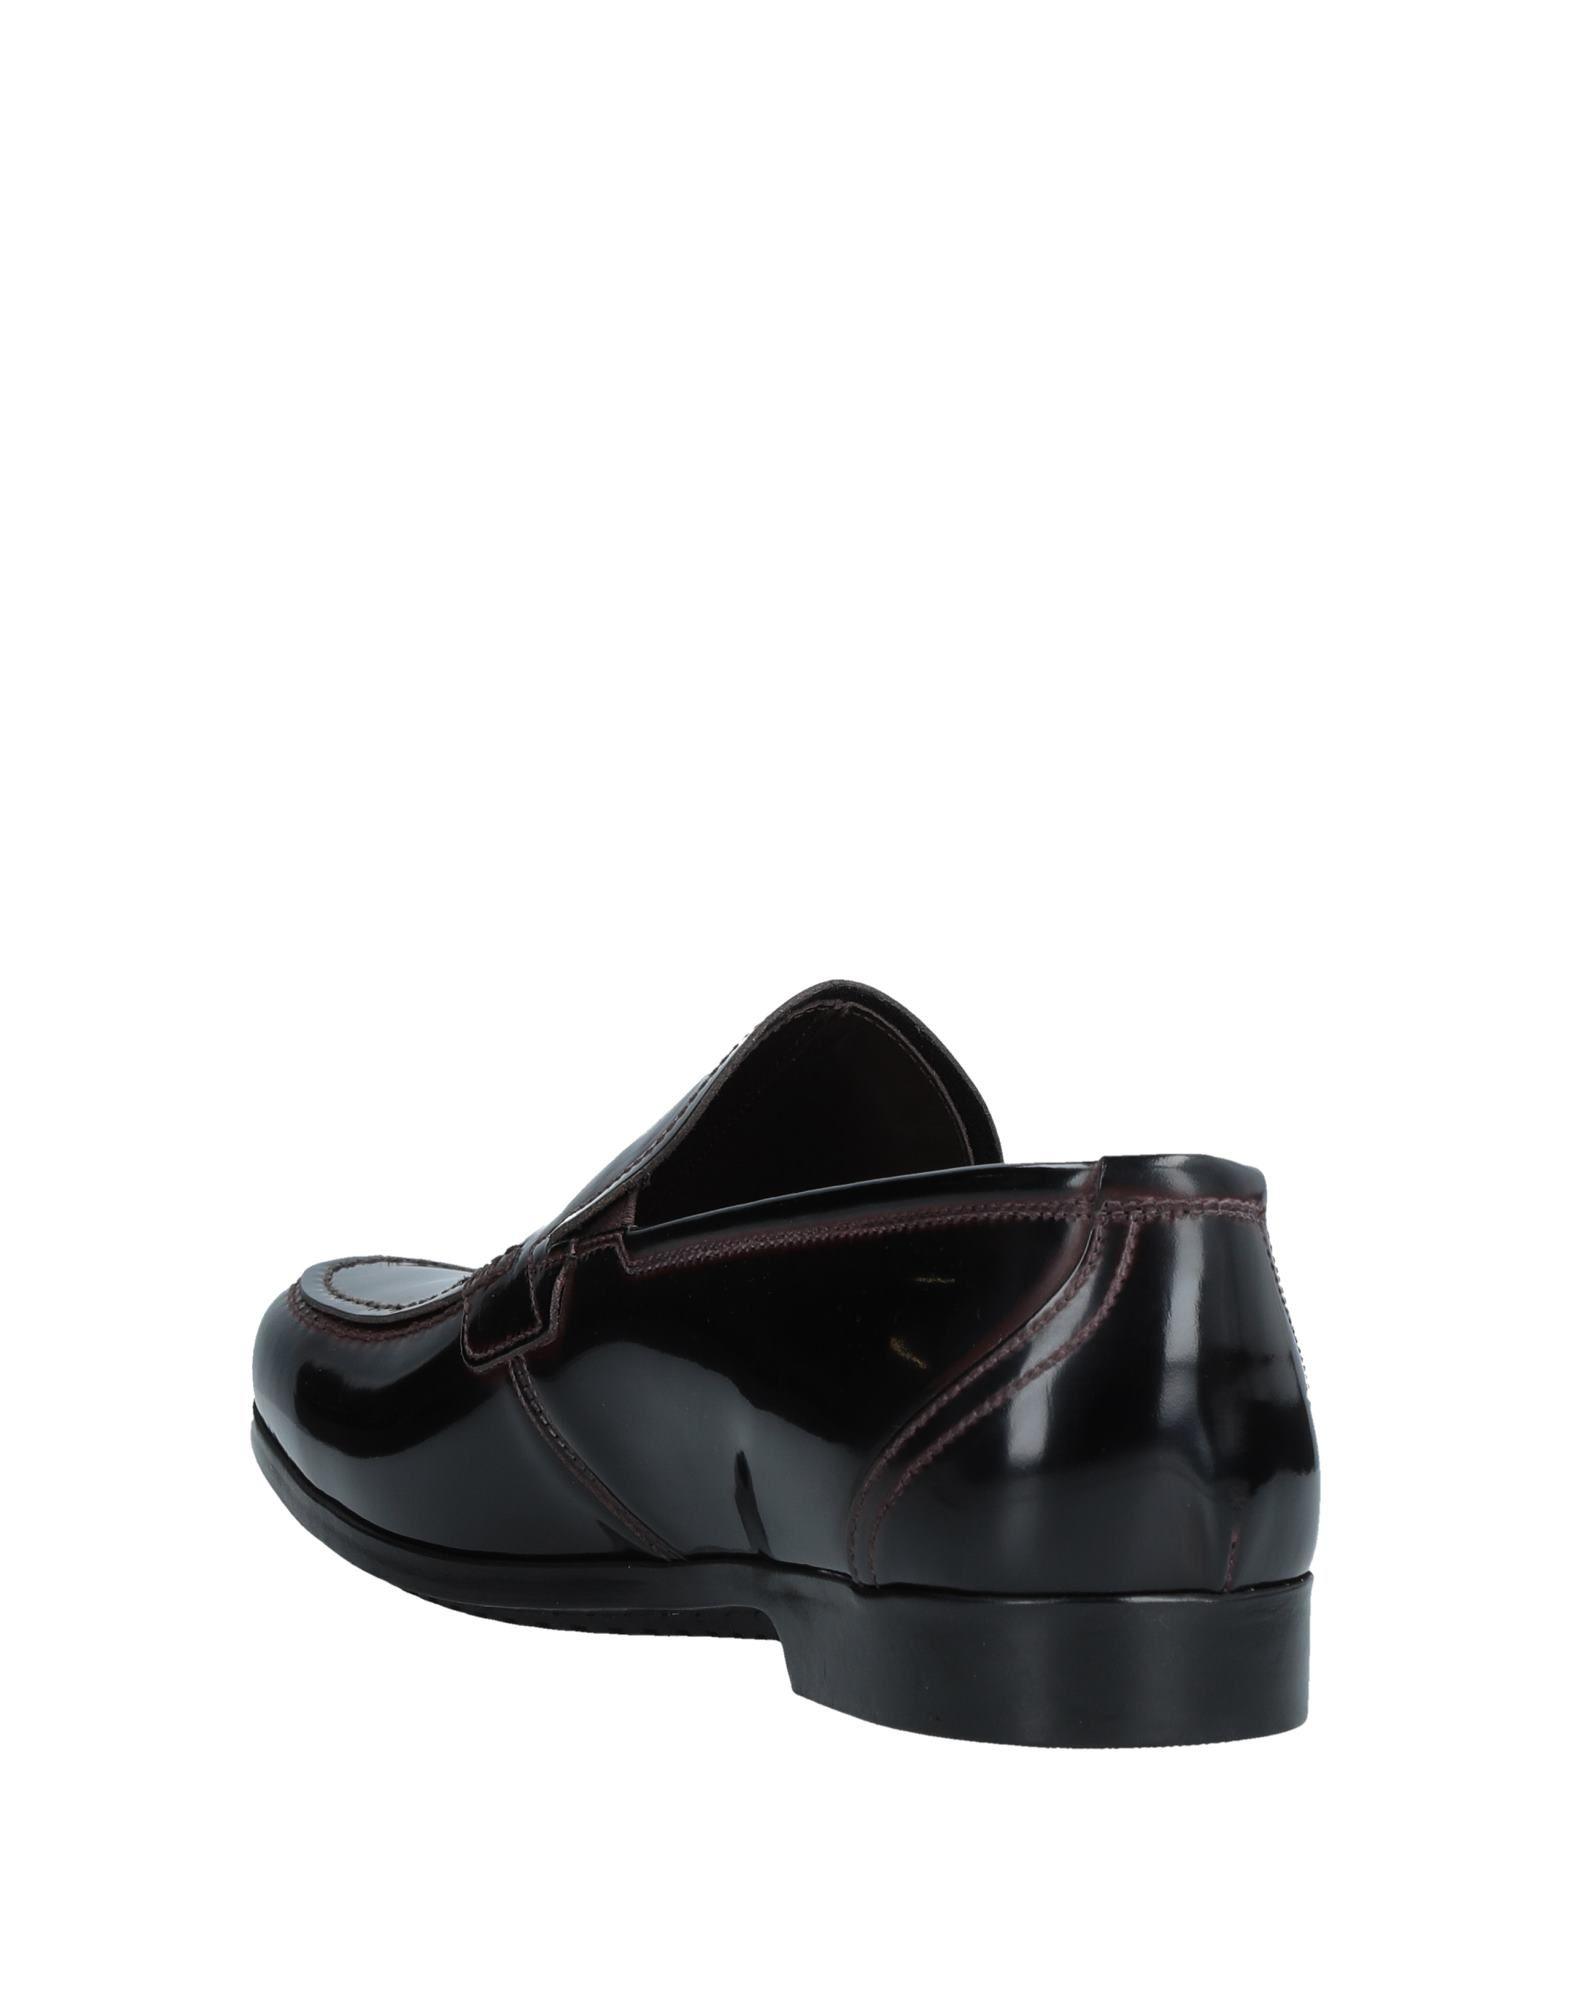 Fabi Mokassins Gute Herren  11543459CQ Gute Mokassins Qualität beliebte Schuhe c4b5ea